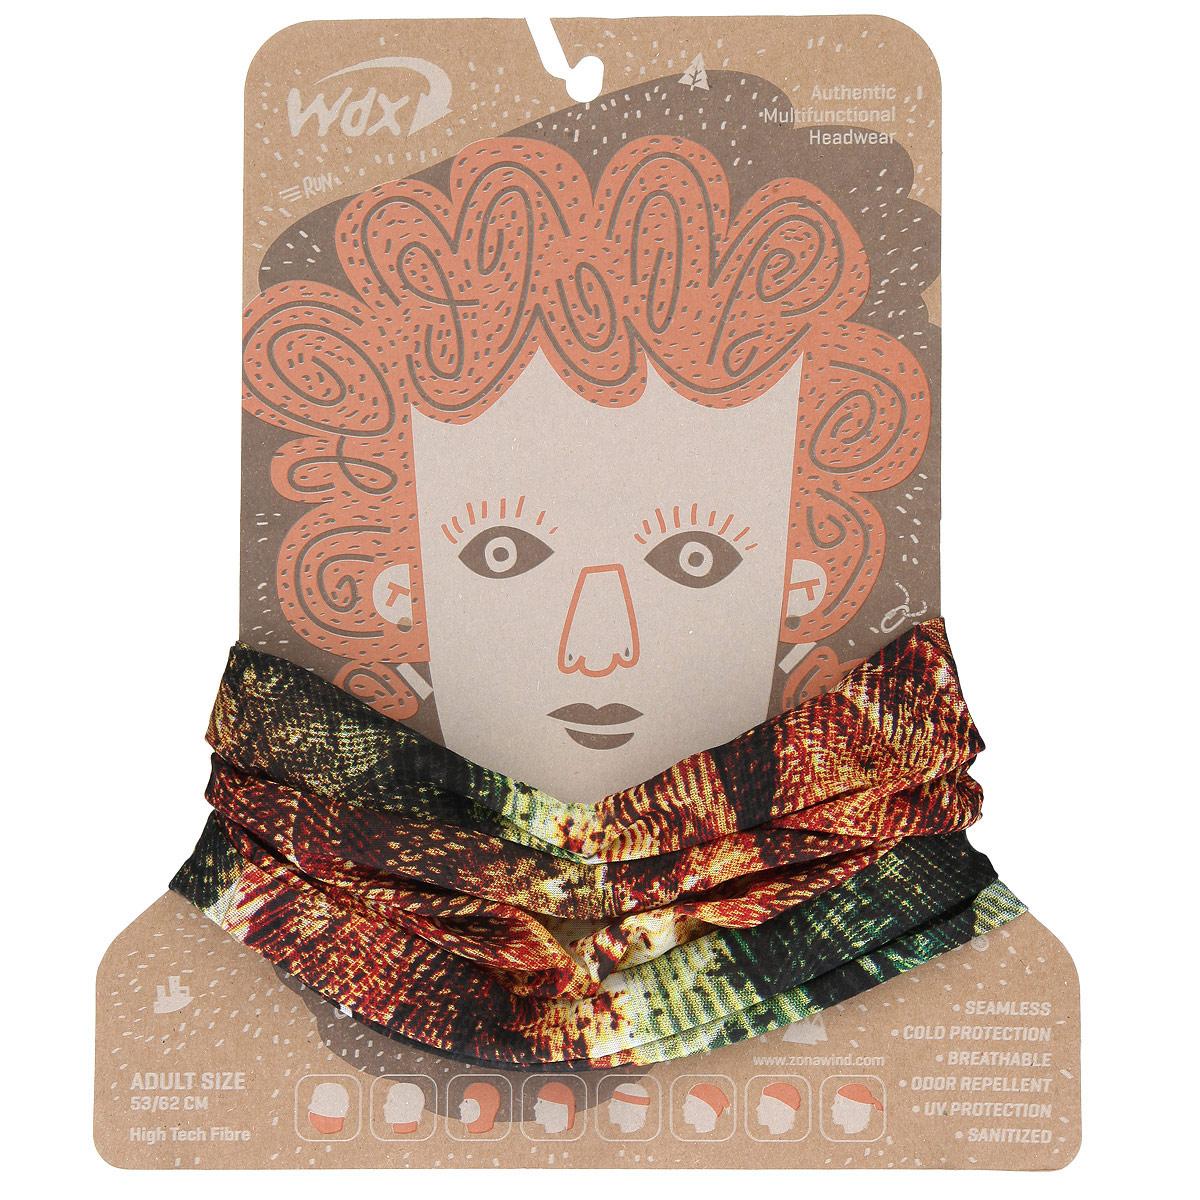 Бандана многофункциональная WindXtreme Wind, цвет: оранжевый, зеленый (1274). Размер 53/62УТ-00006339_FishingМногофункциональный головной убор WindXtreme Wind - это очень современный предмет одежды, который защитит вас от ветра. Его можно использовать как: шарф, шейный платок, бандану, повязку, ленту для волос, балаклаву и шапку. Подходит для занятий бегом, походов, скалолазания, езды на велосипеде, сноуборда, катания на лыжах, мотоциклах, игры в хоккей, а так же для повседневного использования.Бандана не имеет швов, а материал из микроволокна позволяет коже дышать, гарантирует дополнительные тепло и комфорт, отведение влаги, быстрое высыхание. Изделие очень эластично и принимает практически любую форму. Обладает антибактериальным эффектом.Уважаемые клиенты!Размер, доступный для заказа, является обхватом головы.